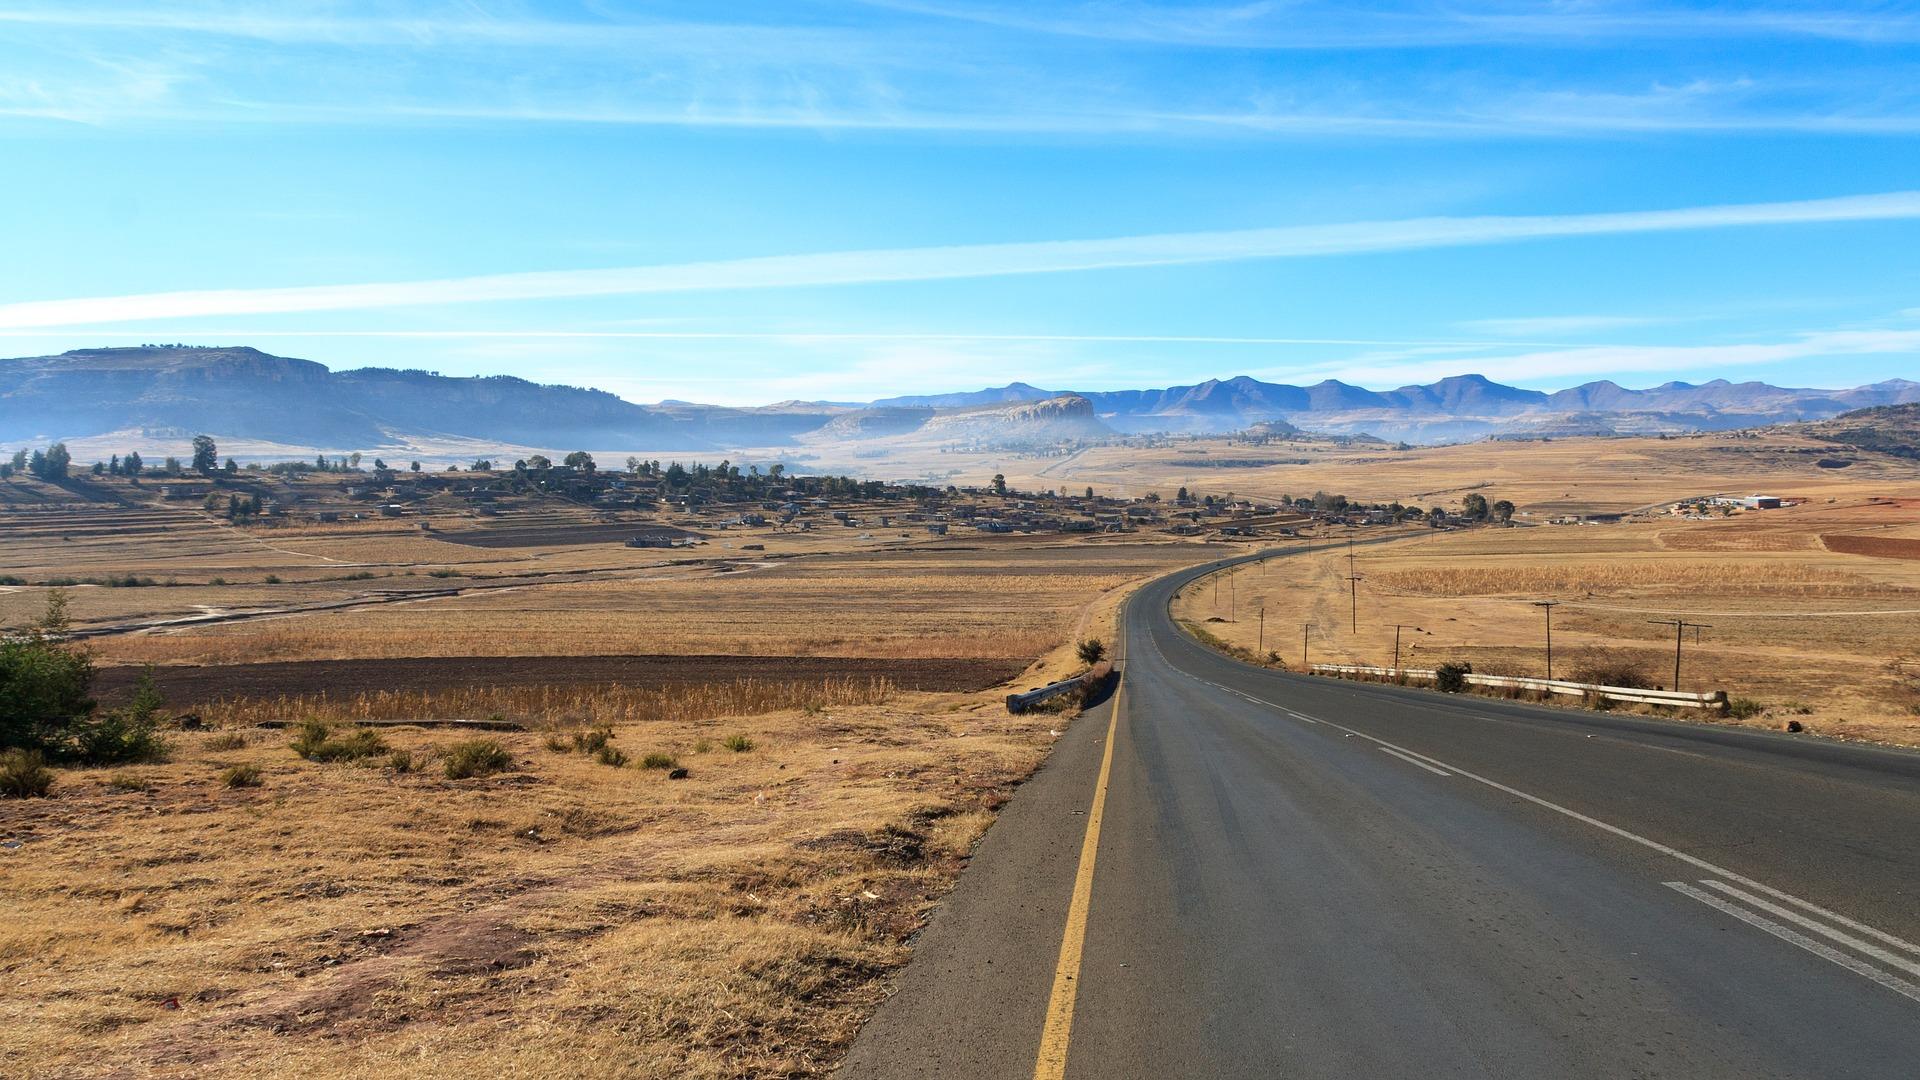 Lesotho 2634399 1920